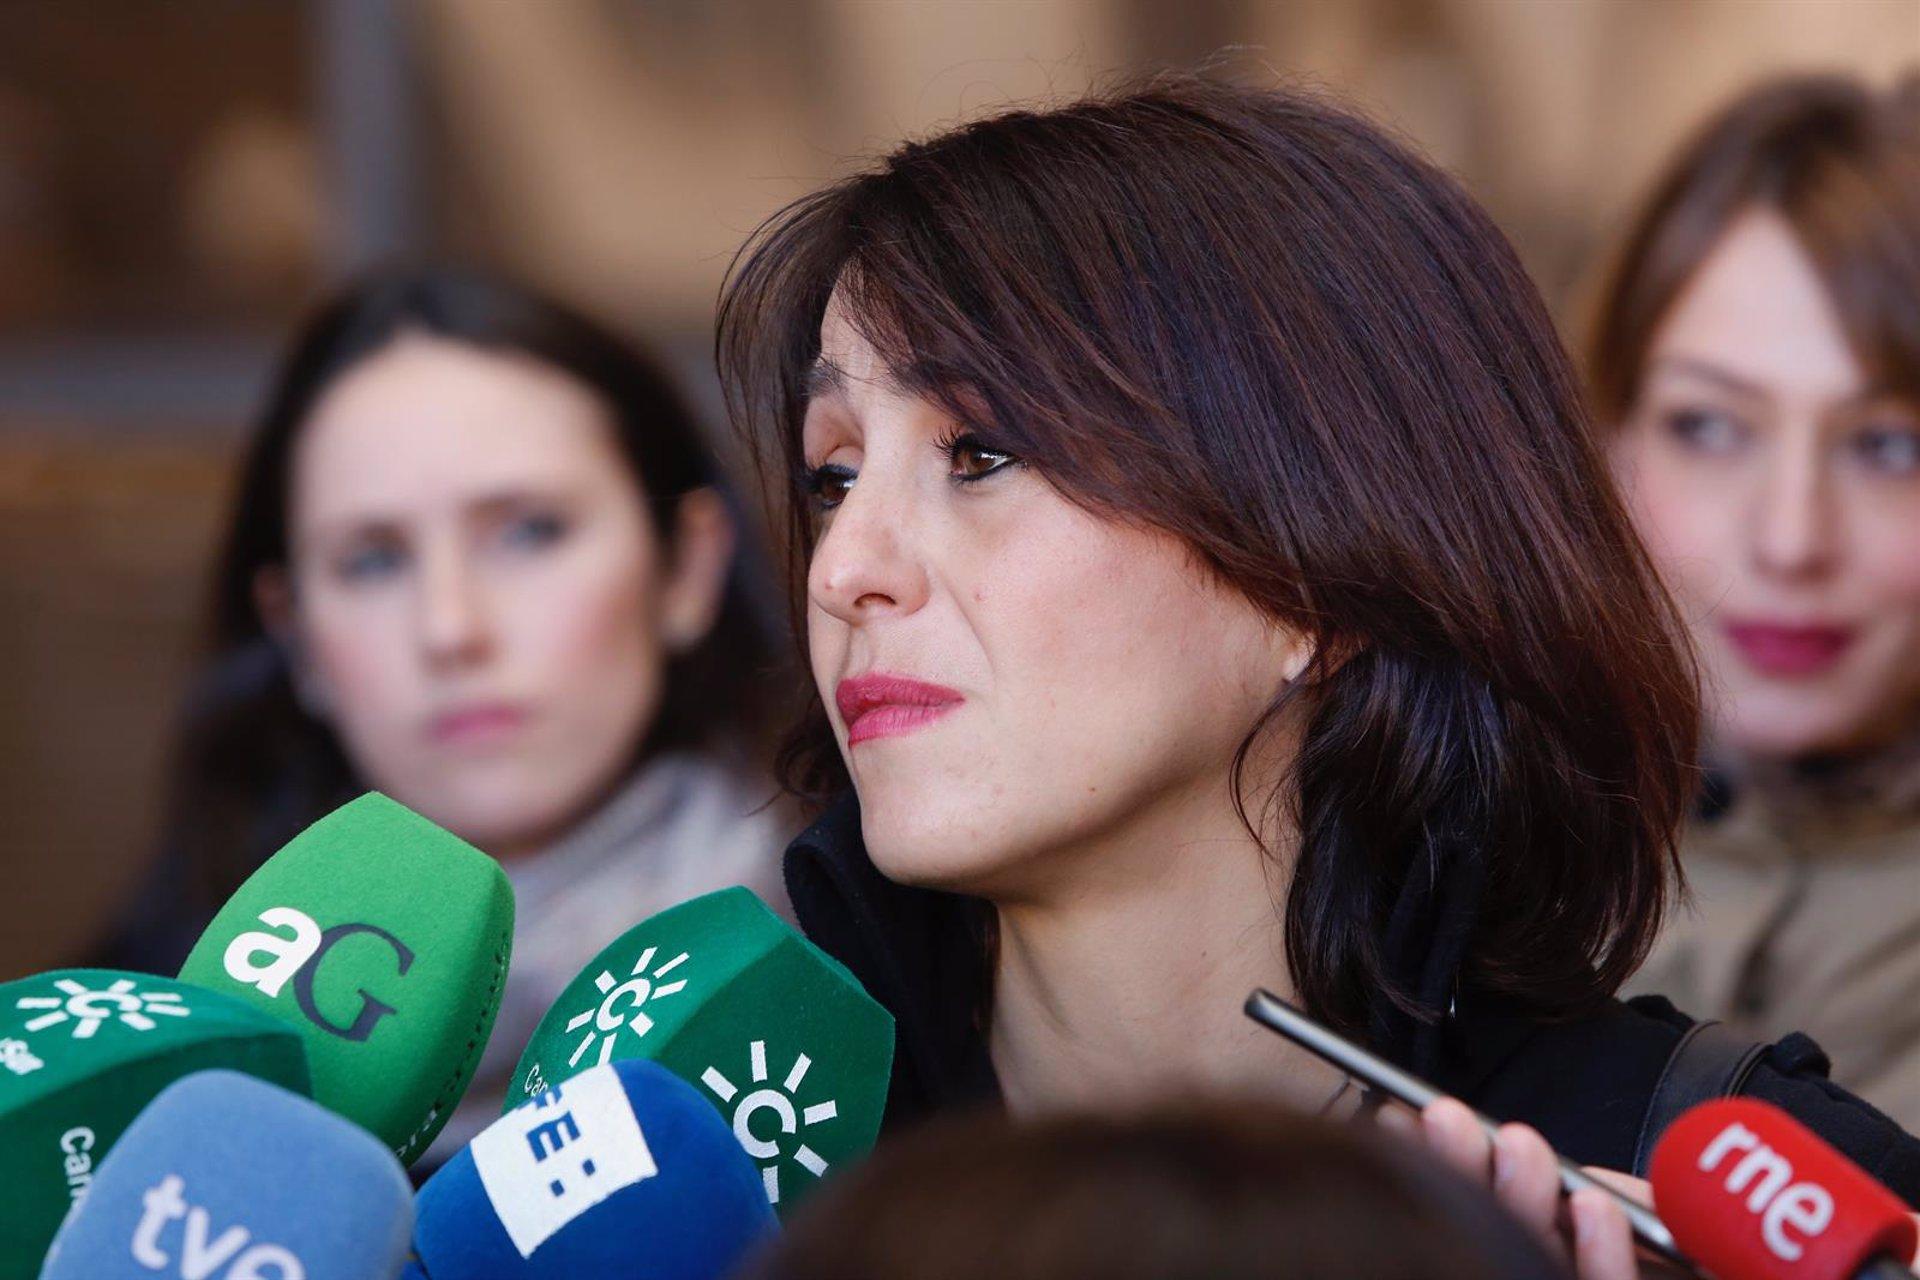 Juana Rivas abona la indemnización de 12.000 euros a su expareja y recurre su ingreso en prisión